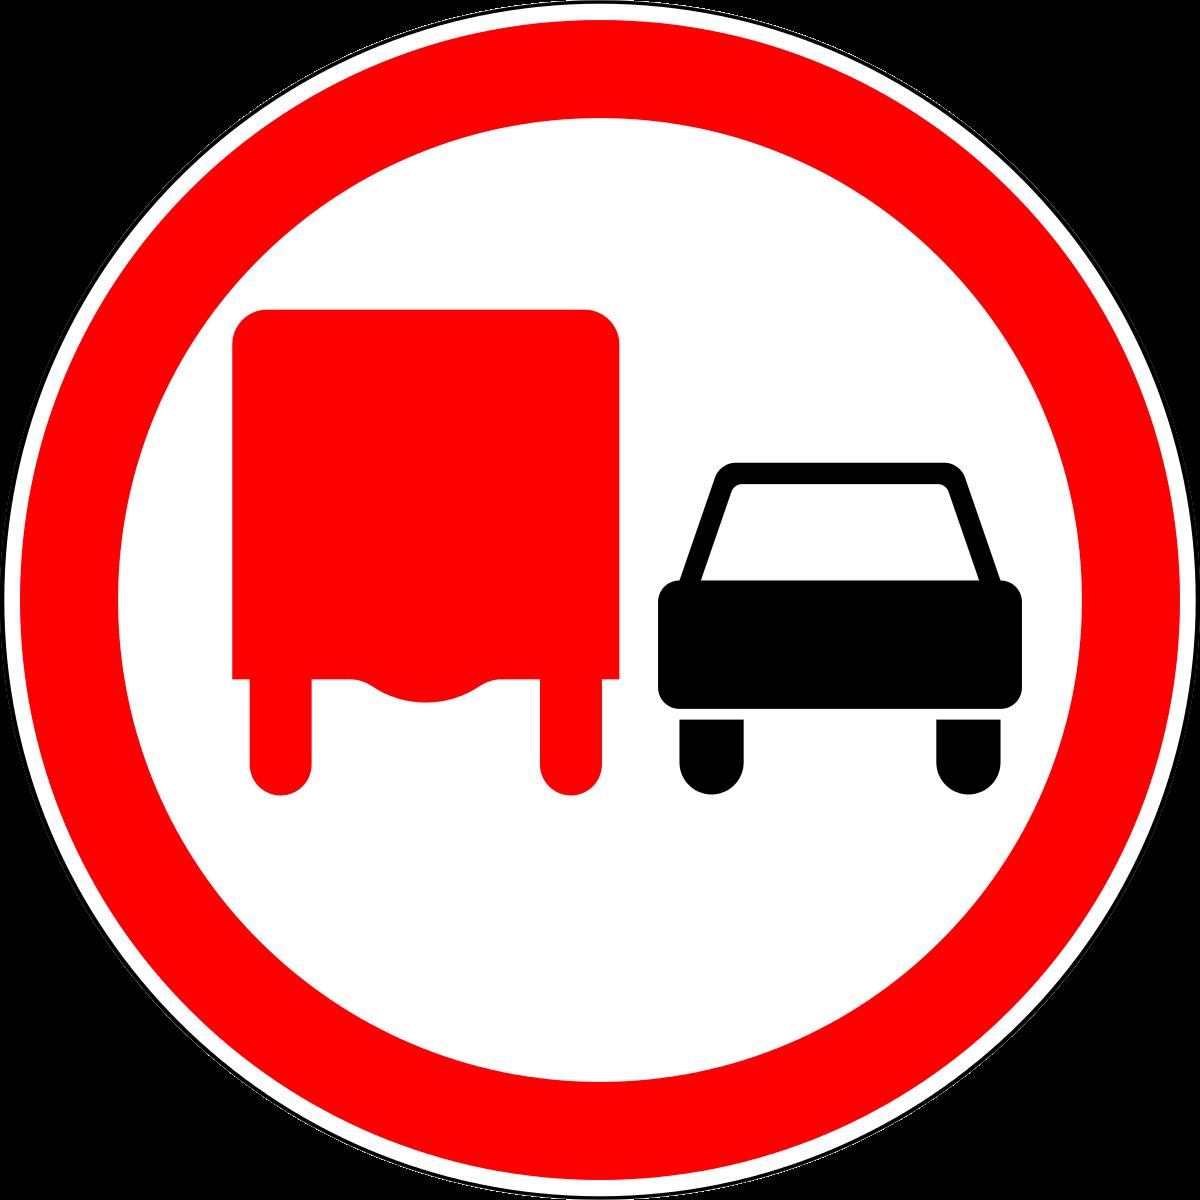 Знак 3.22 Жүк көліктерімен басып озуға тыйым салынады/ Обгон грузовым автомобилям запрещен